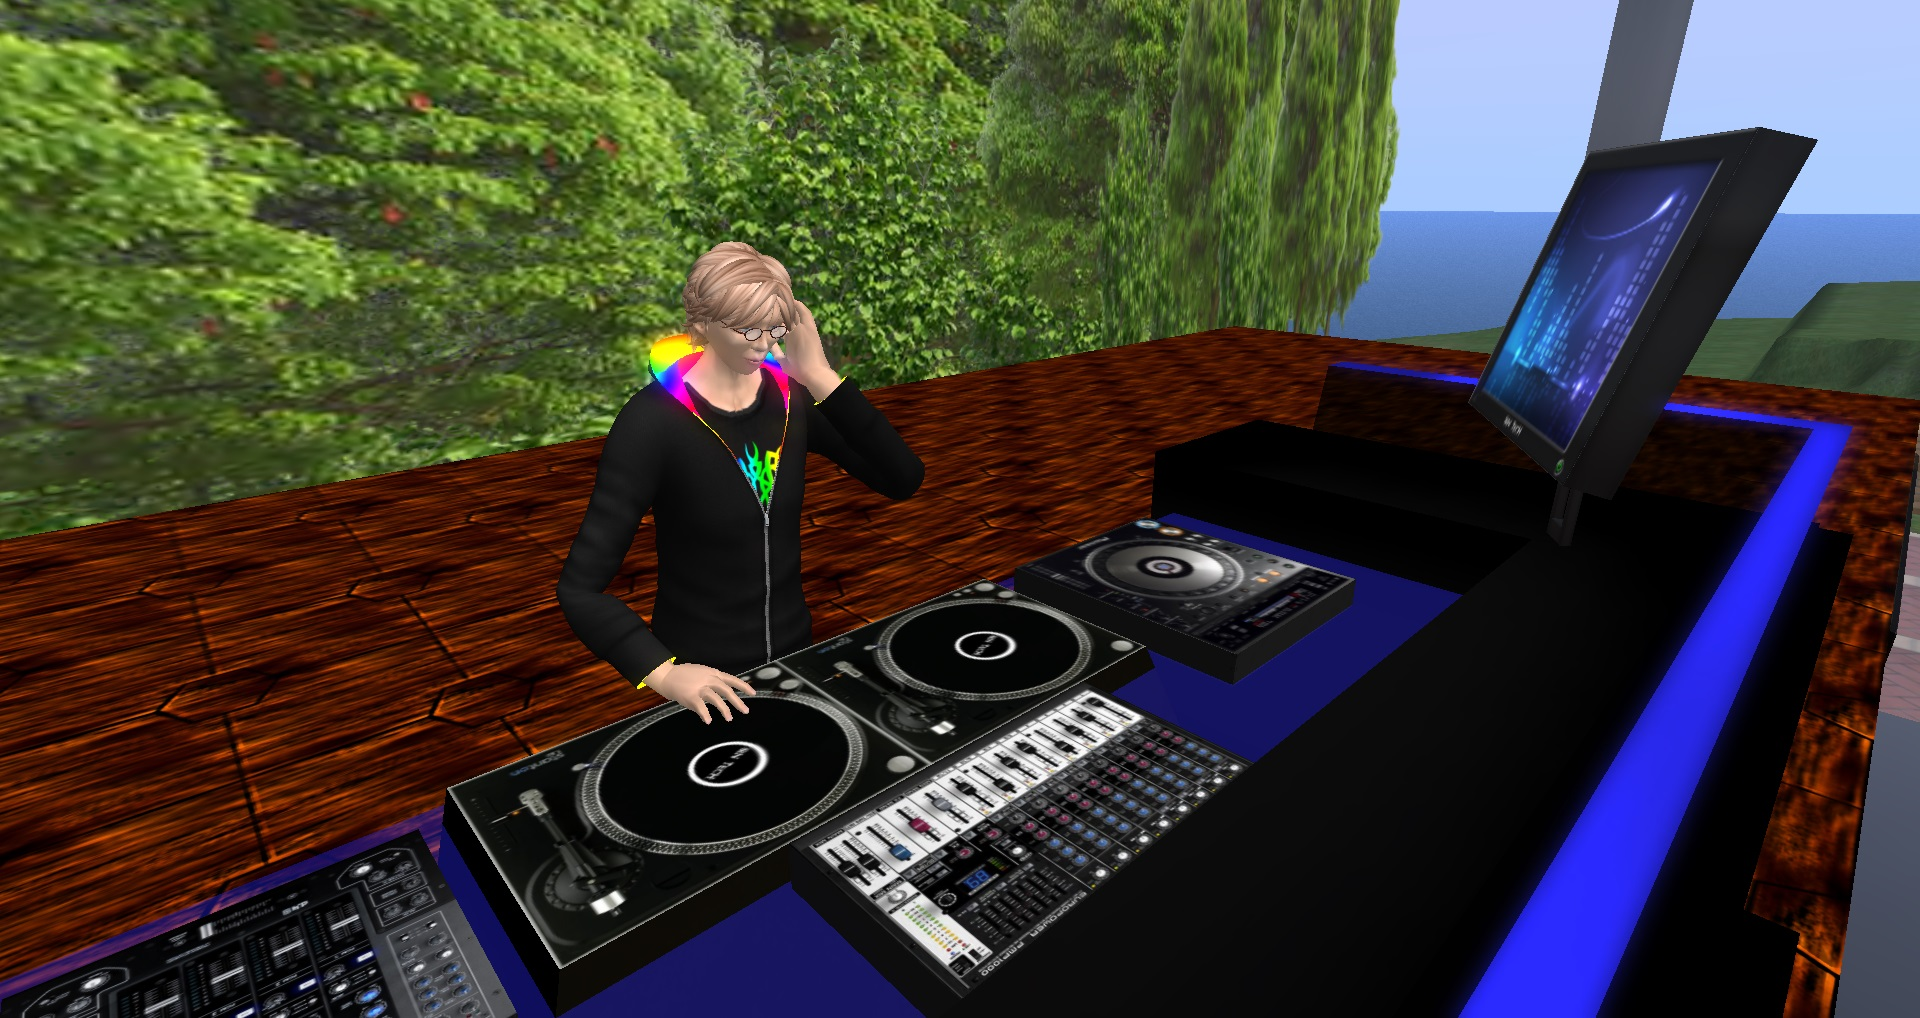 dancing_007 1